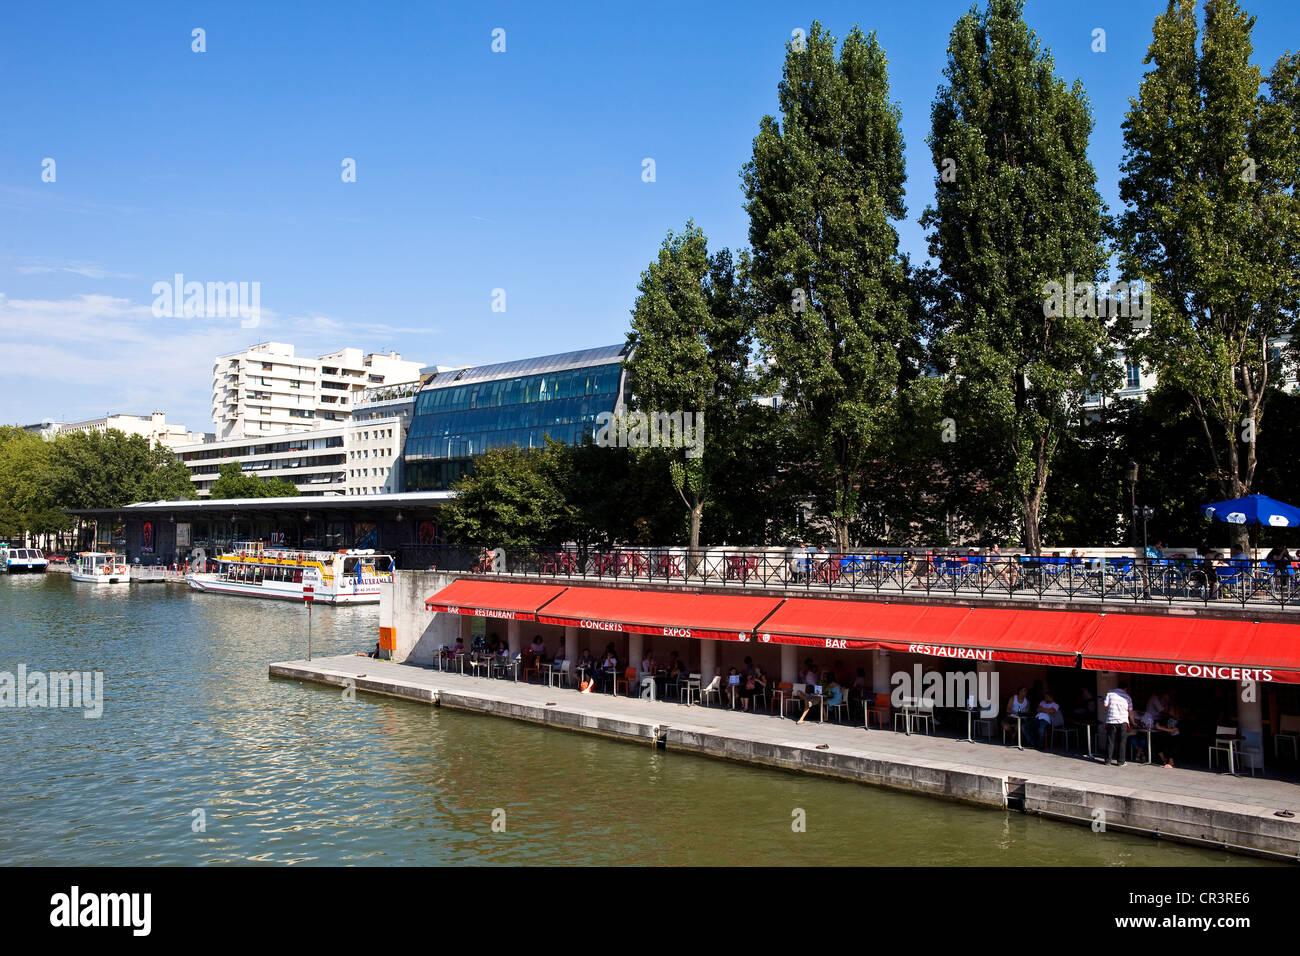 France, Paris, Villette Bassin, Cafe 25 Degree East - Stock Image